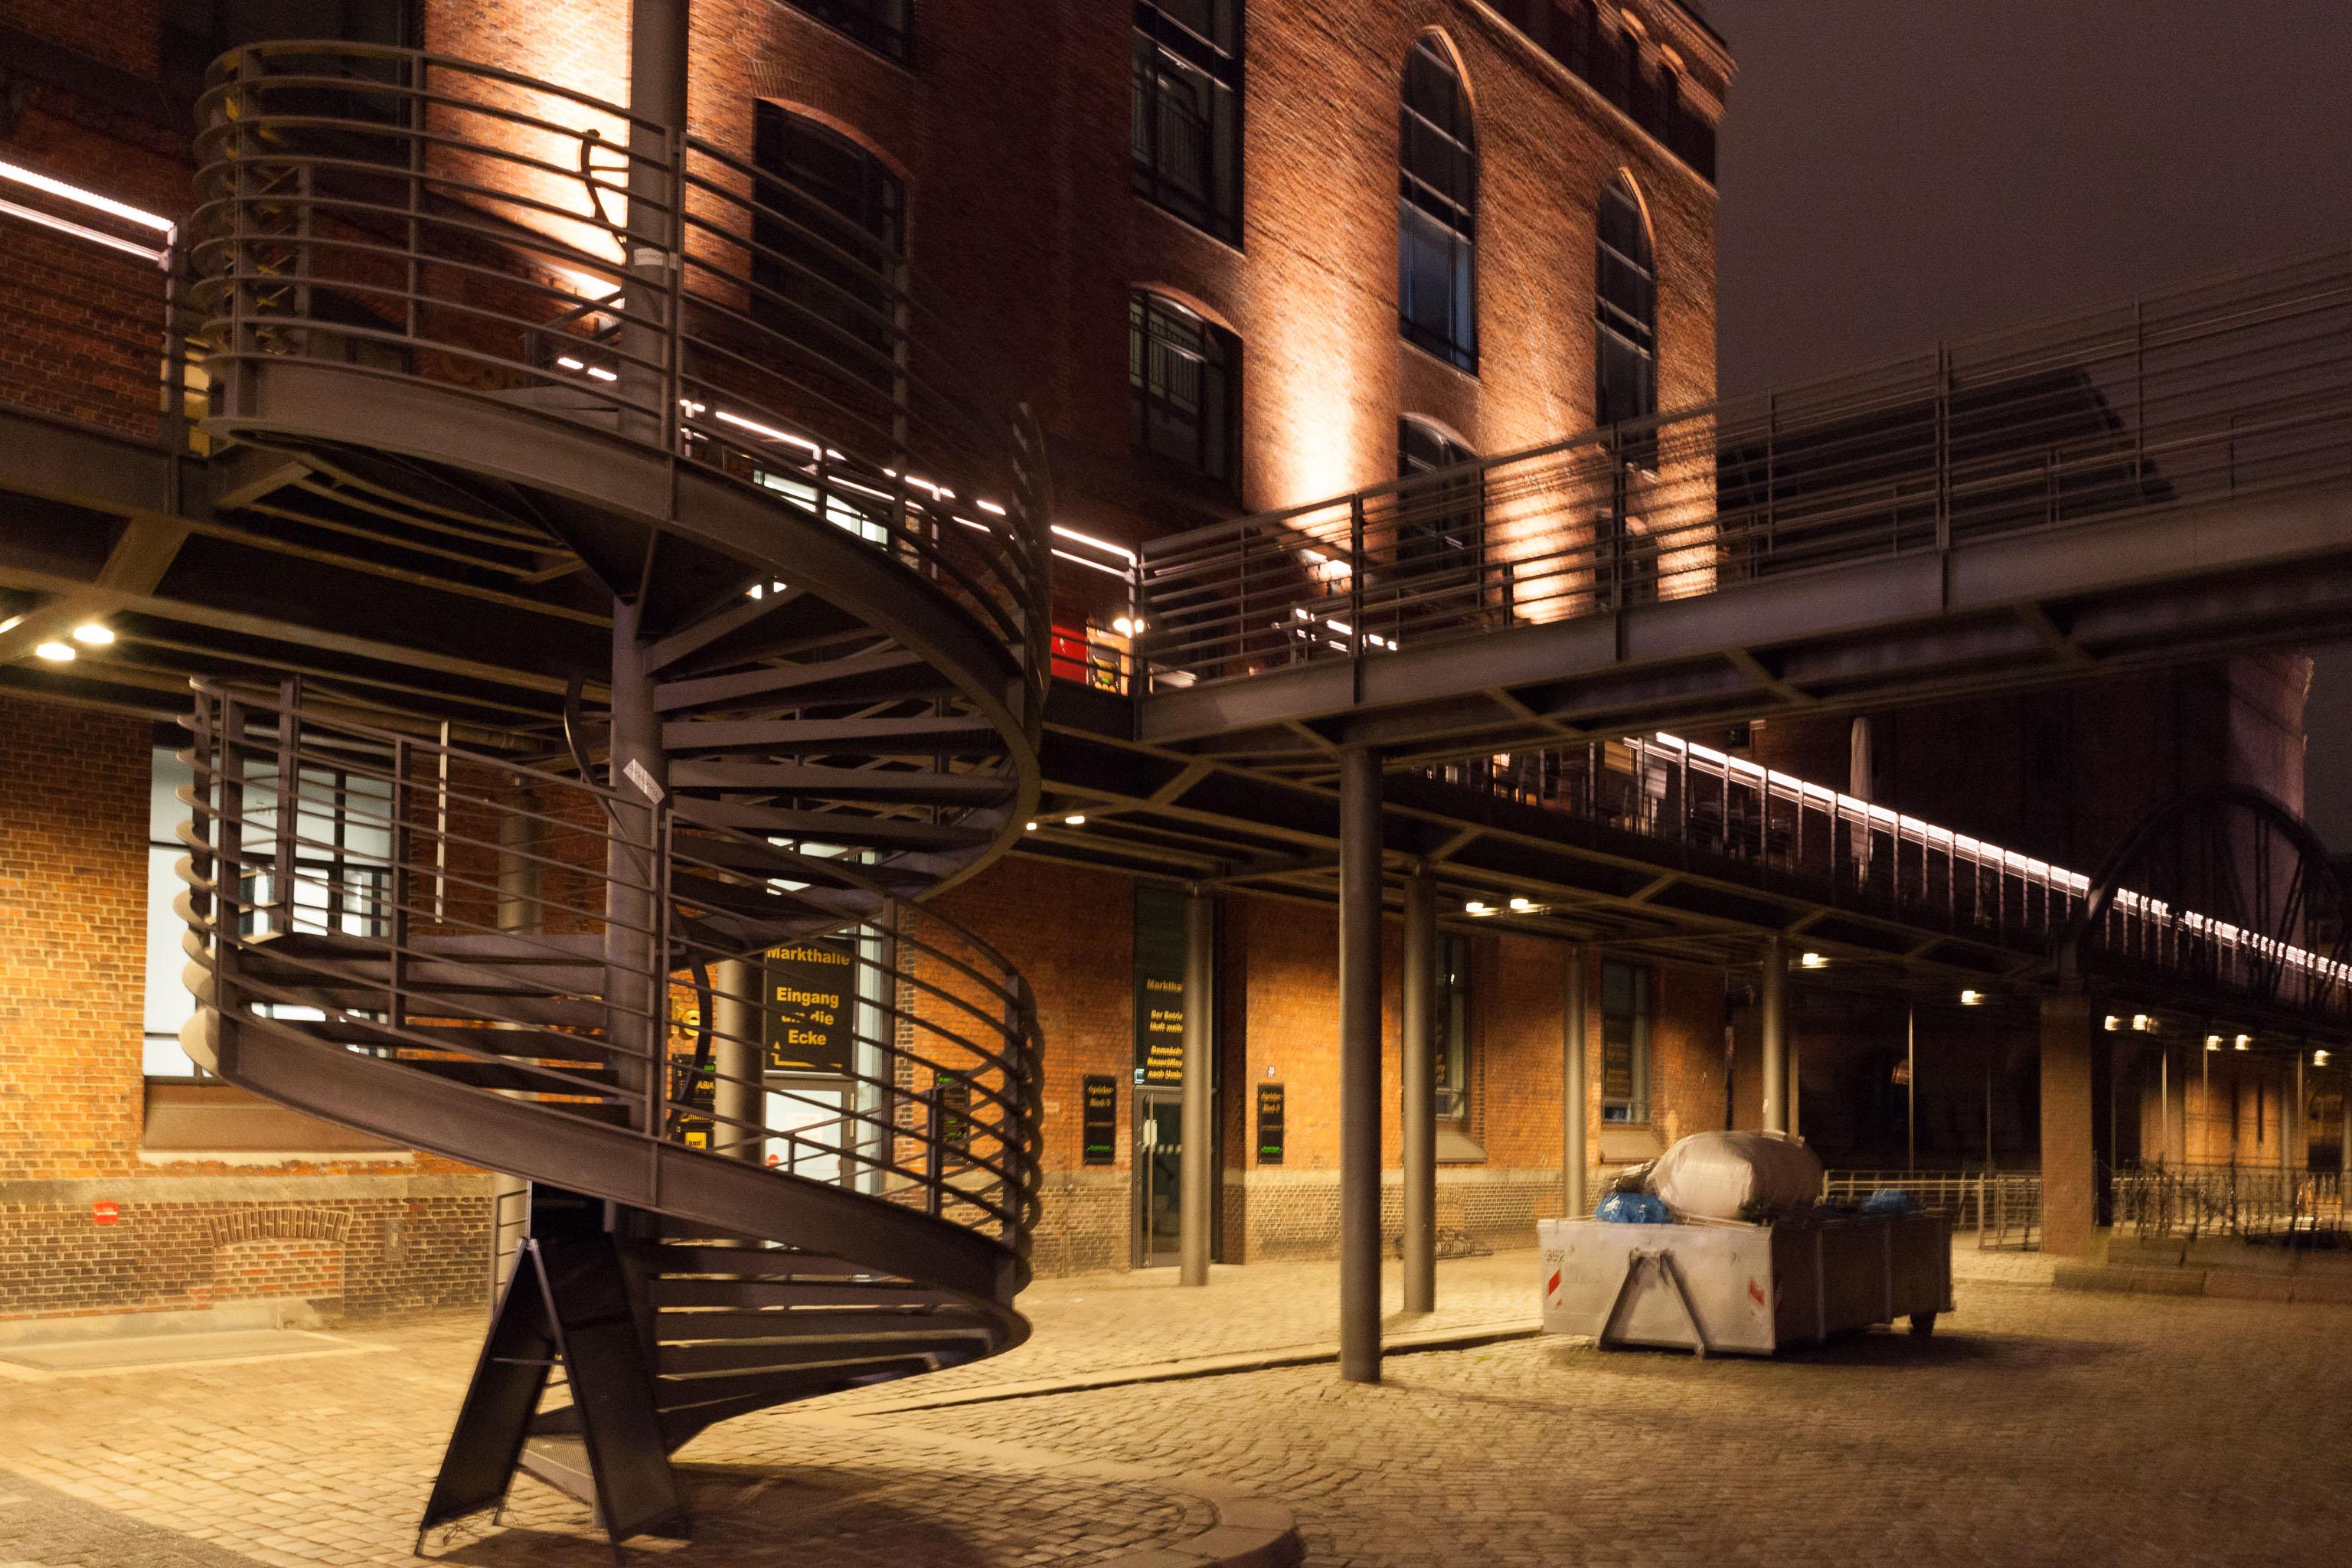 Sven-Michael---T-2013--2-[Hamburg]---©-Sven-Michael-Golimowski.jpg